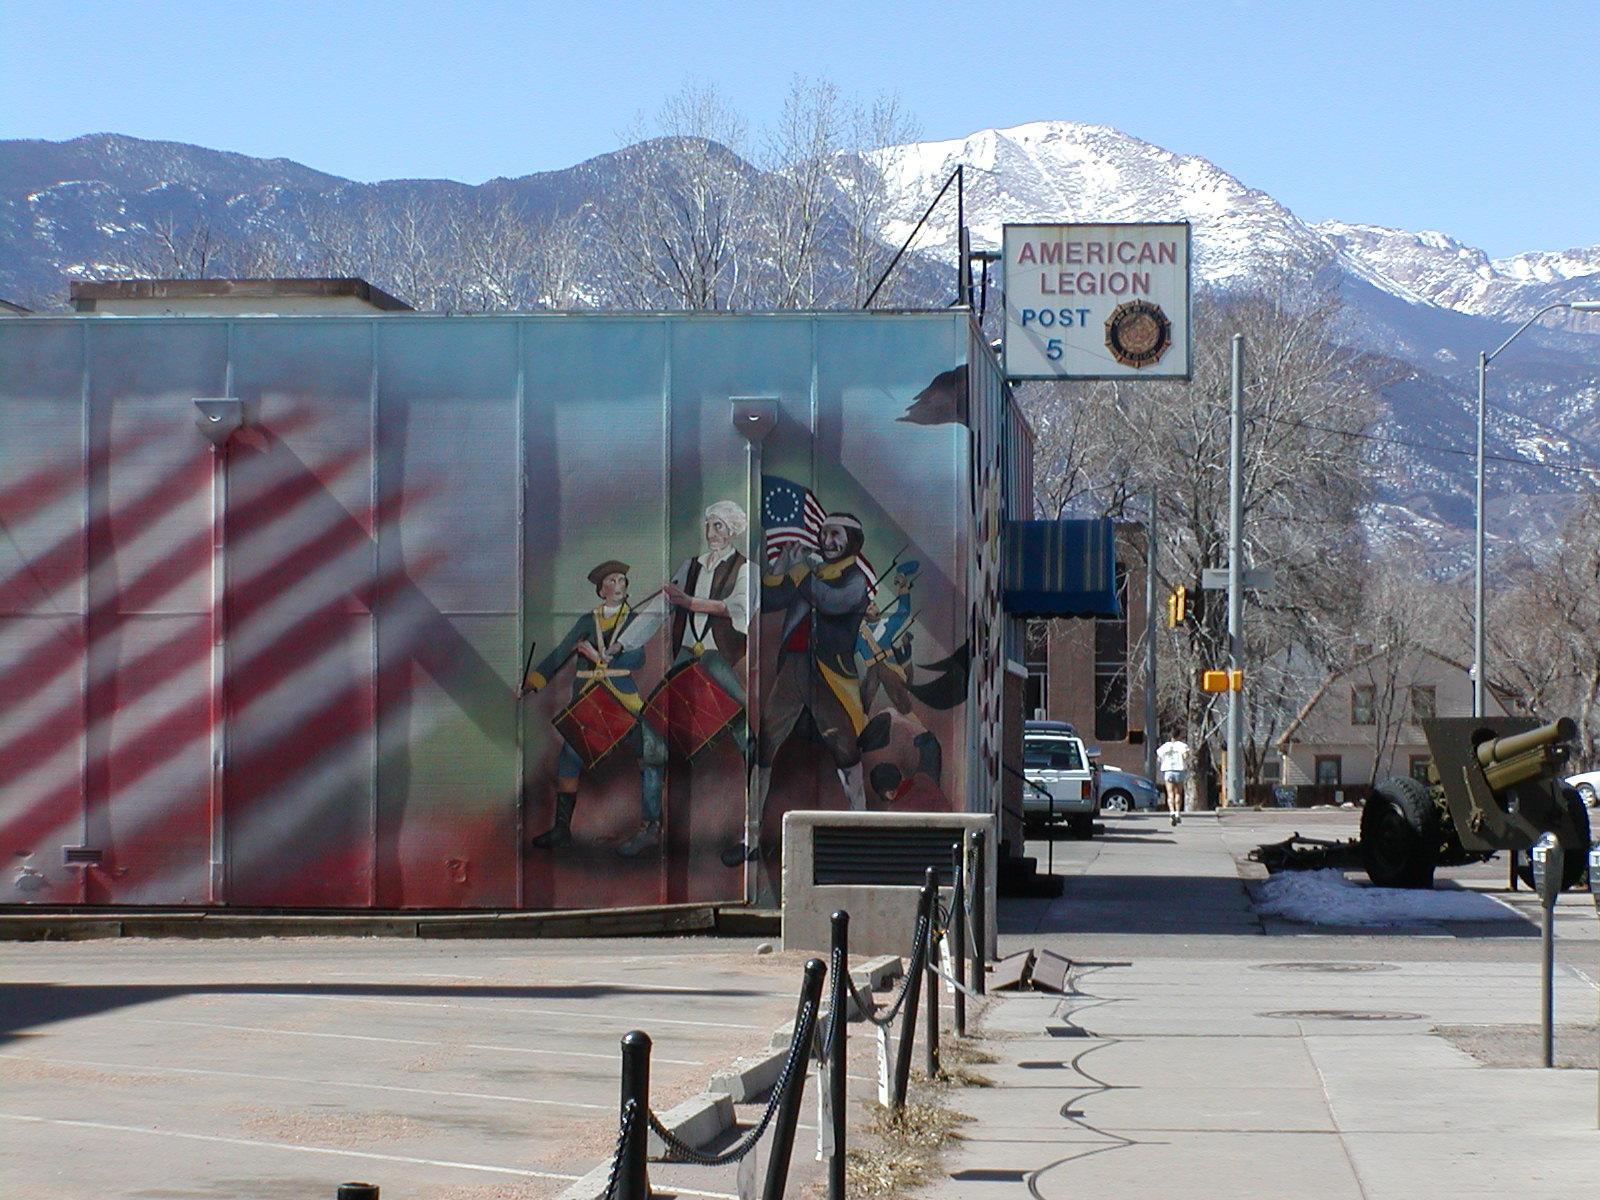 Post 5 Colorado Springs, Colorado